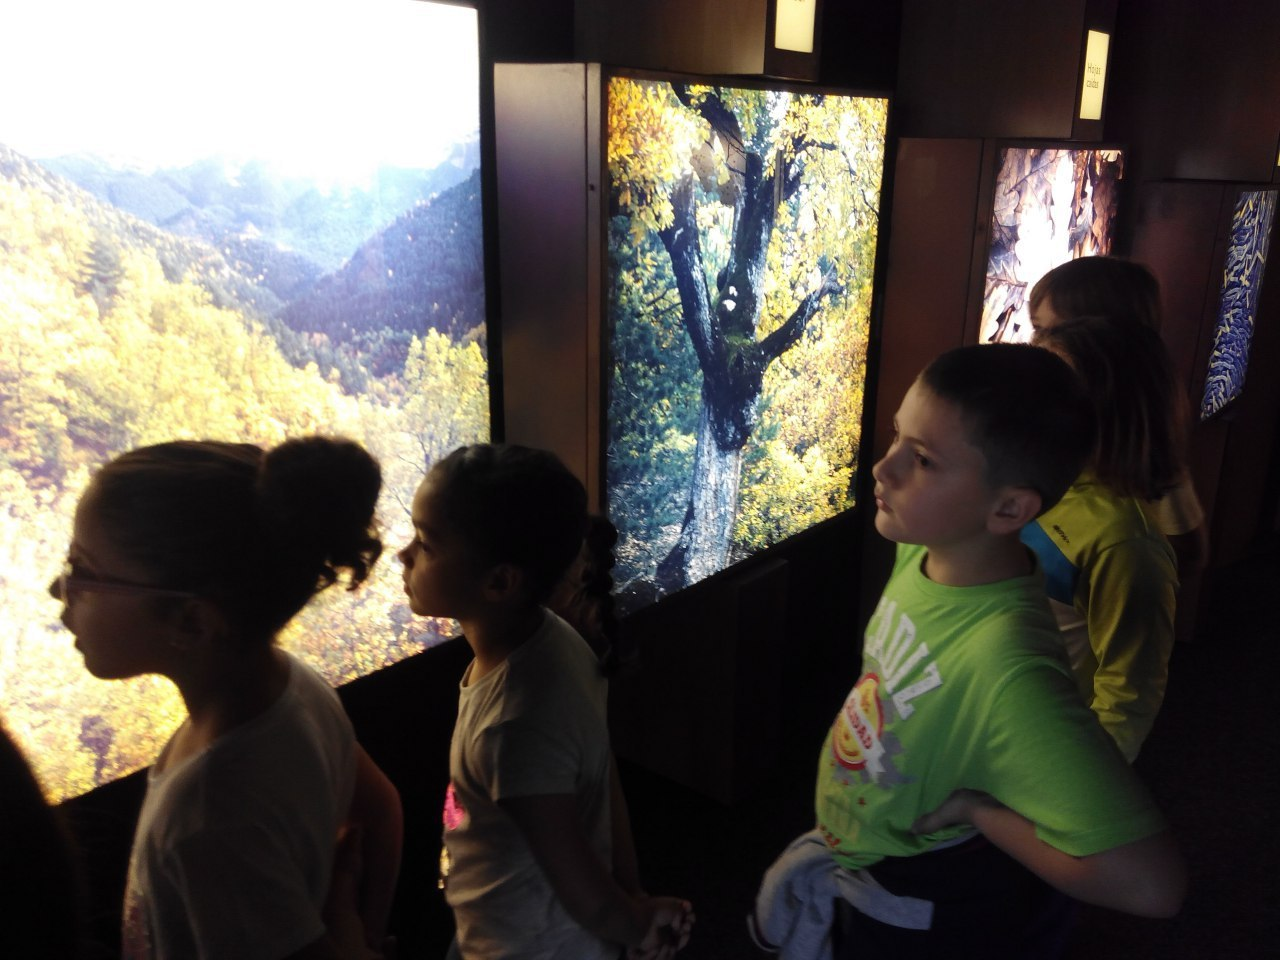 Visita a la exposición El Bosque. 1º 2º Primaria. CEIP Pinocho. 2016/17 12